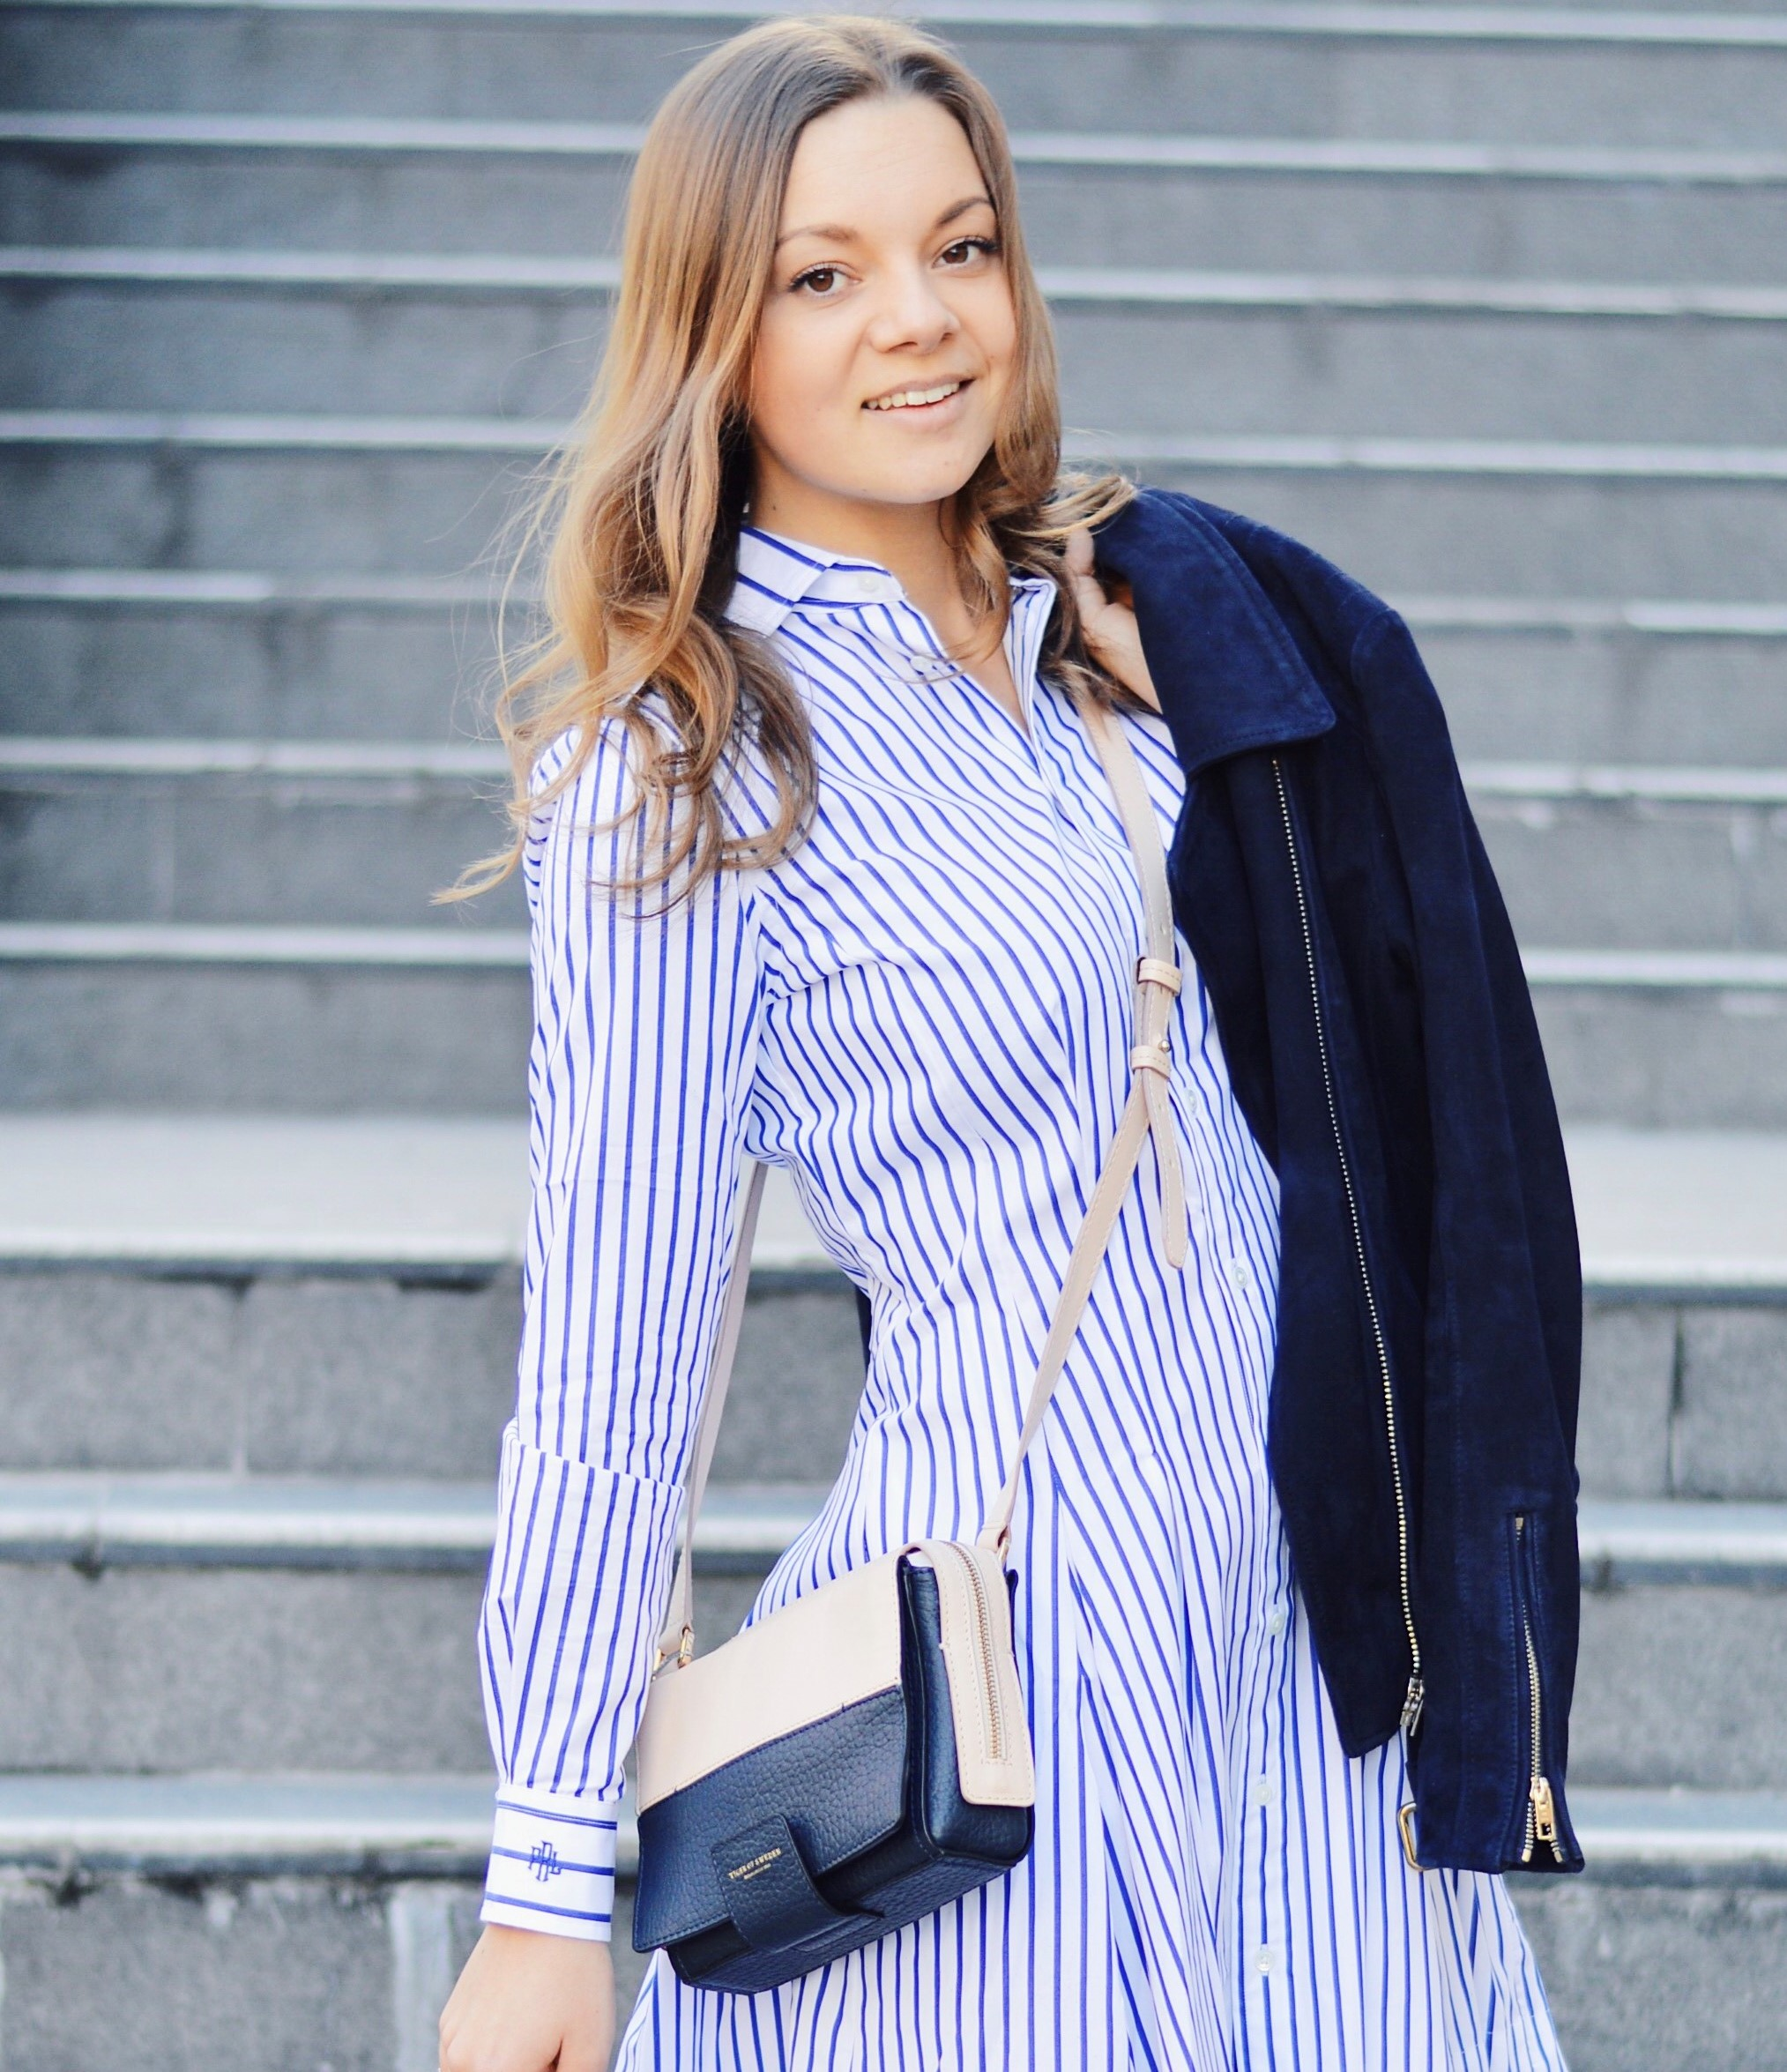 Amanda Bostad